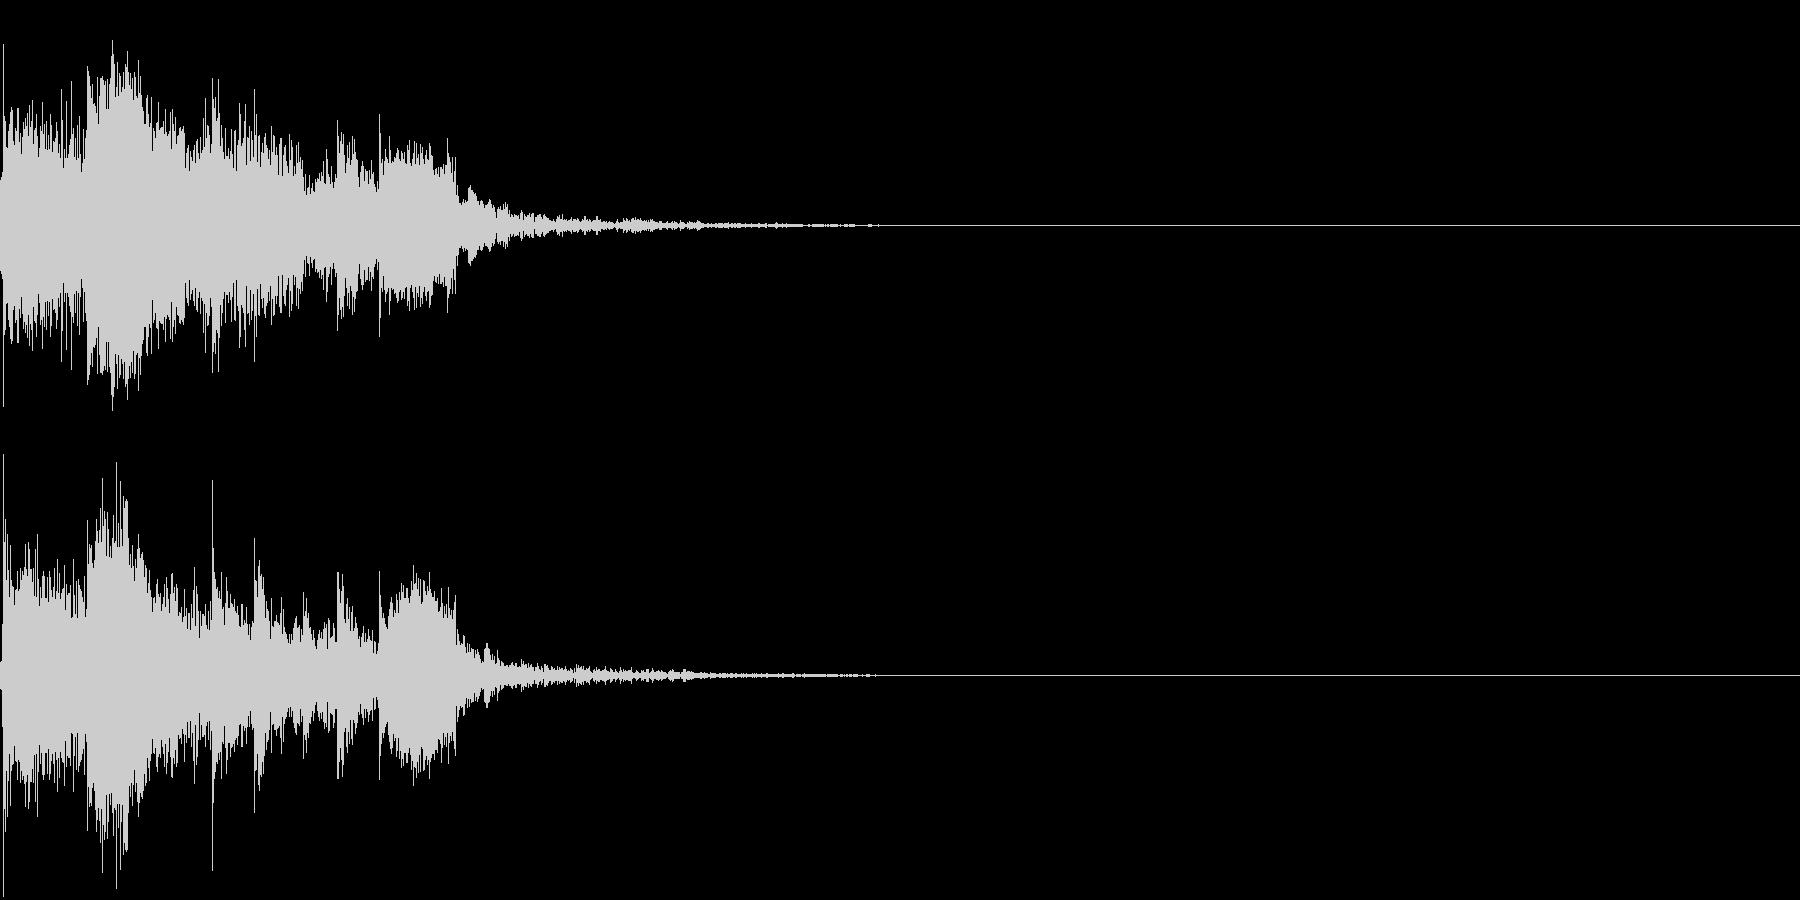 衝撃 金属音 恐怖 震撼 ホラー 12の未再生の波形